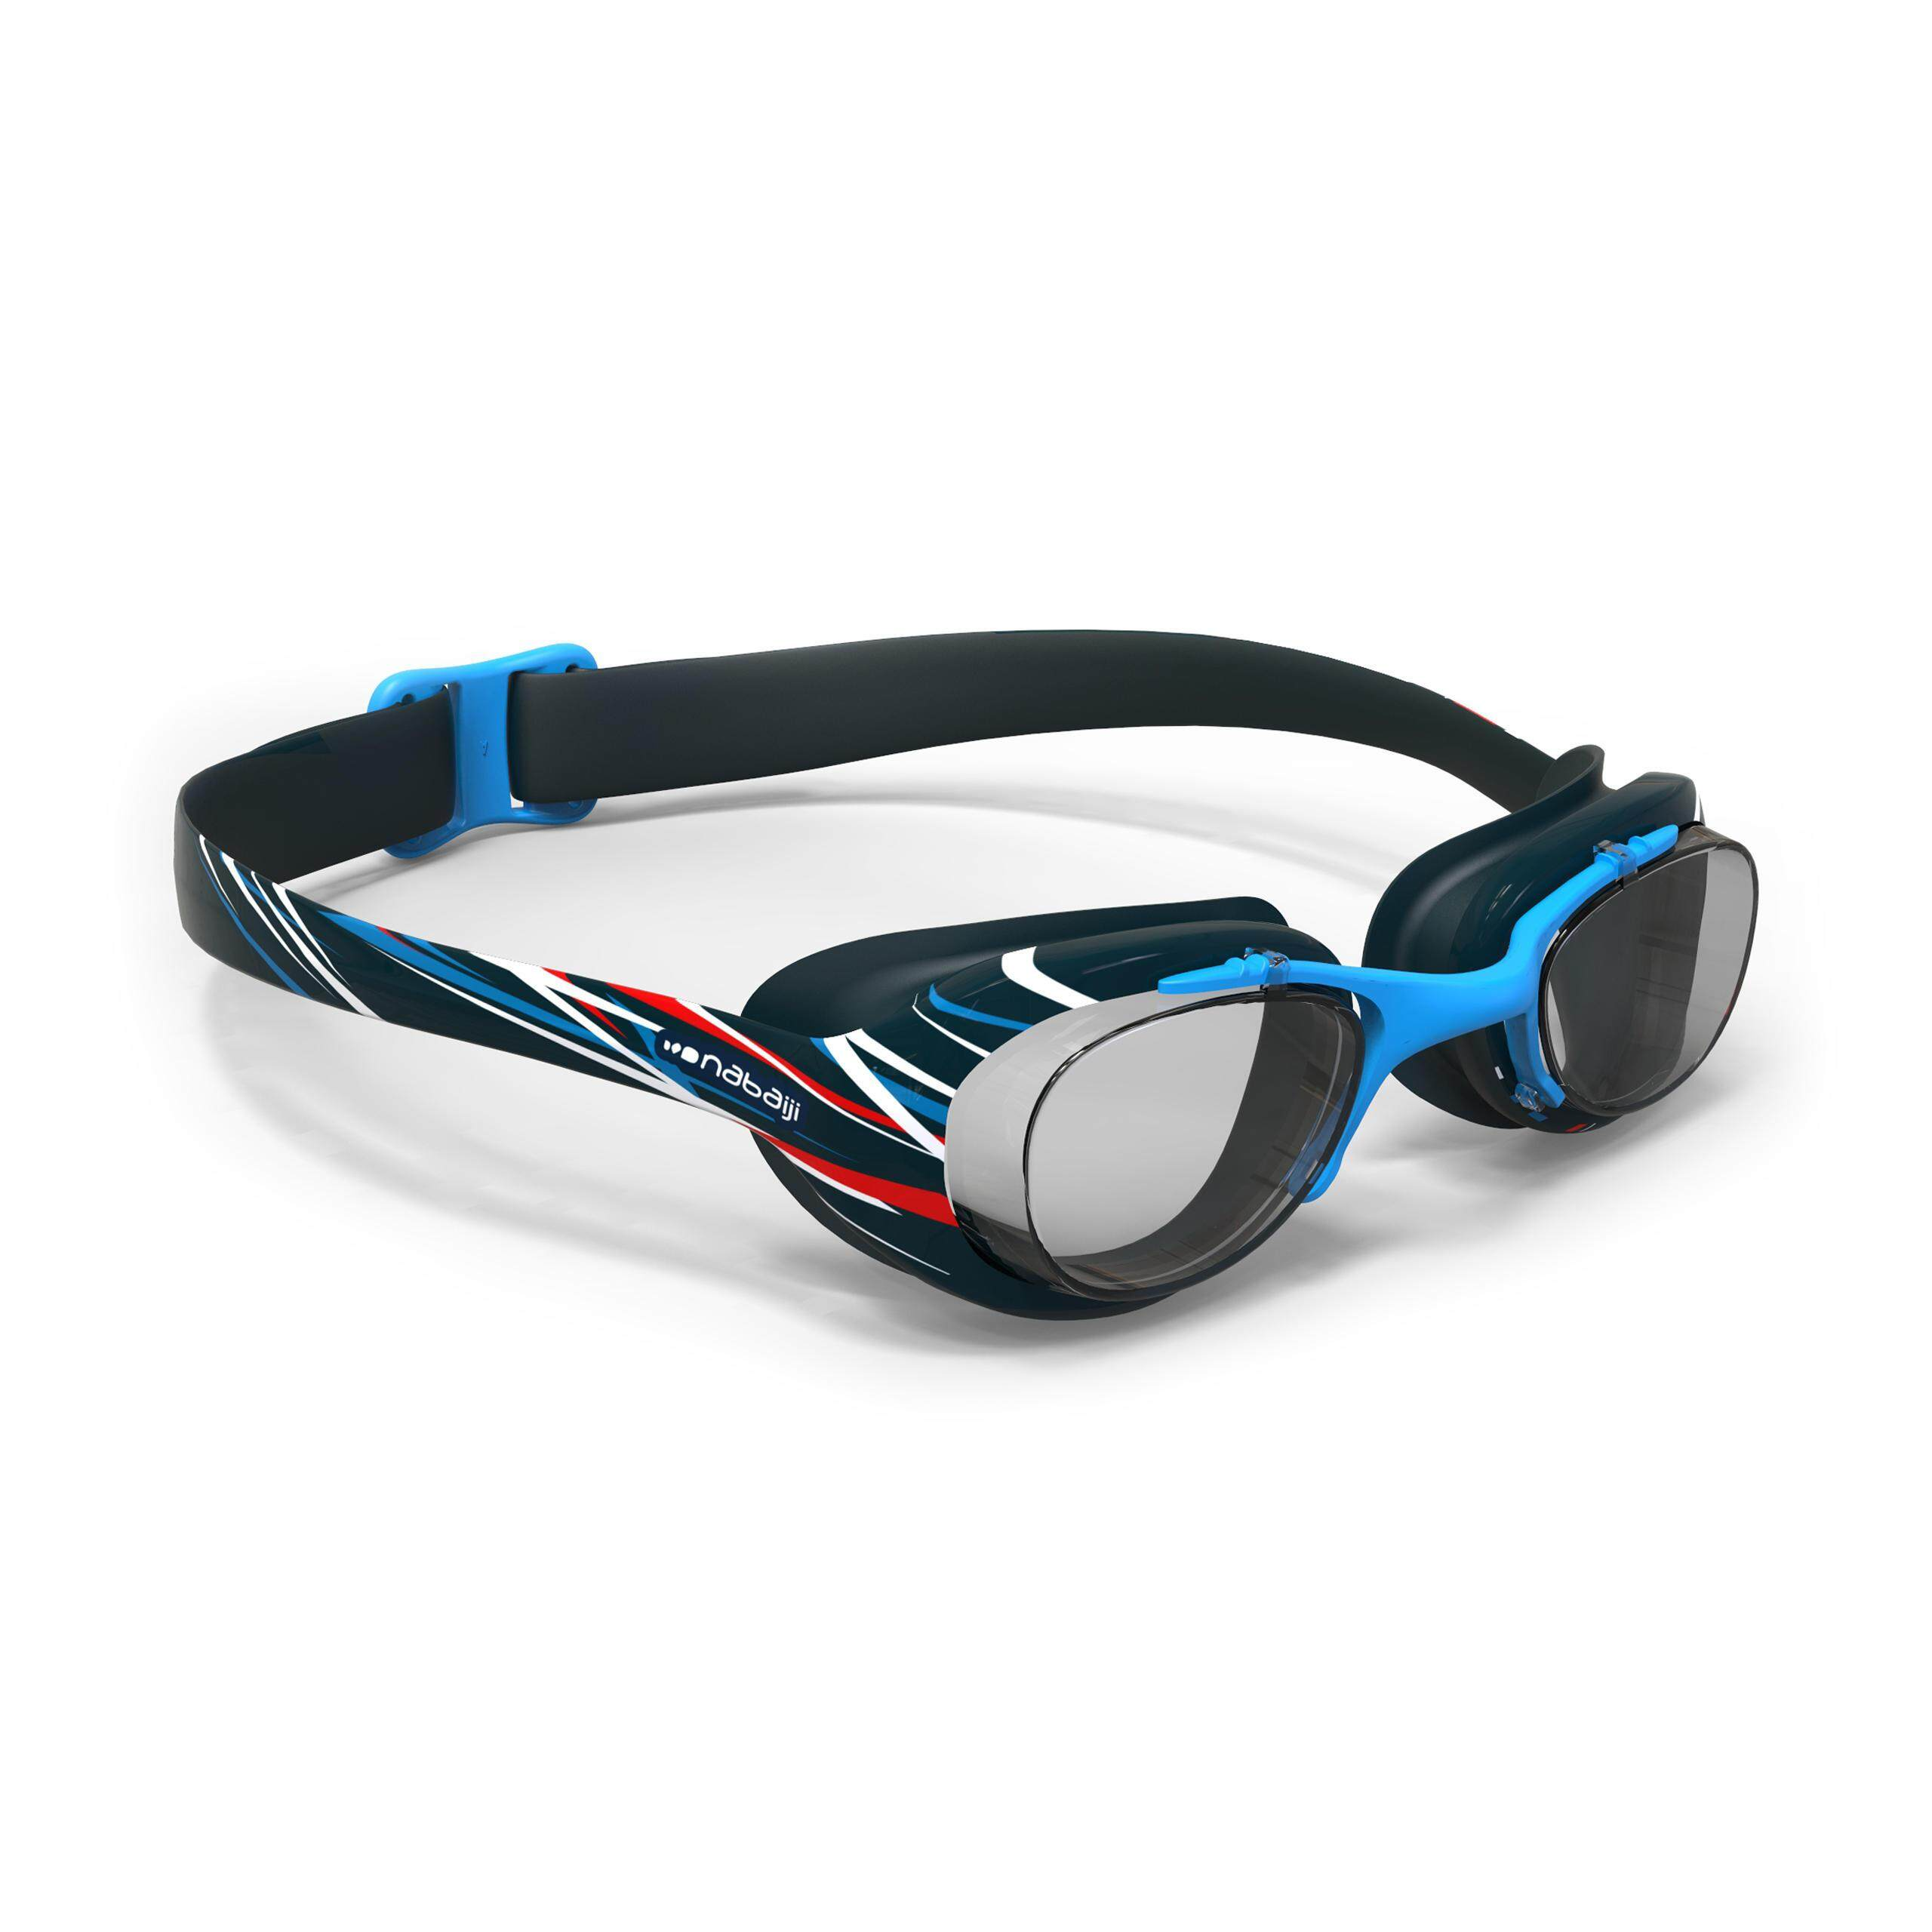 [ด่วน!! โปรโมชั่นมีจำนวนจำกัด] แว่นตาว่ายน้ำรุ่น 100 XBASE PRINT ขนาด L (สีฟ้า MIKA) สำหรับ ว่ายน้ำ